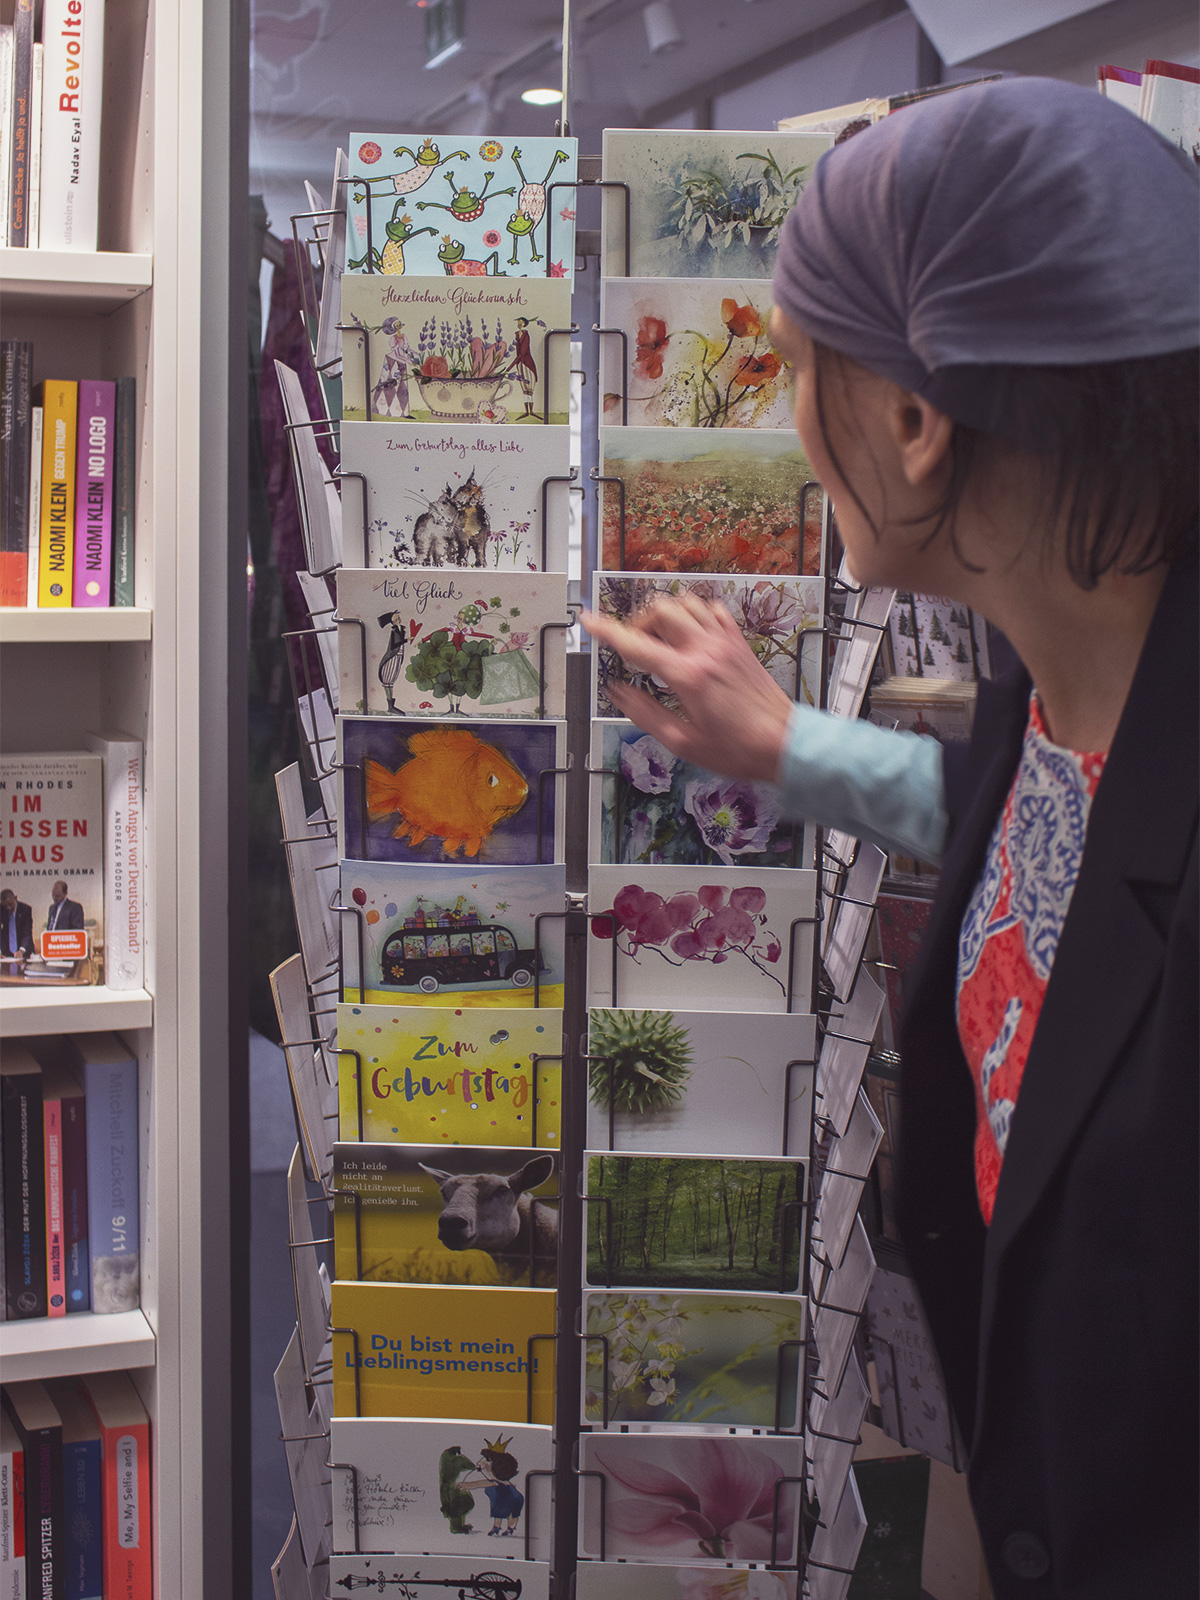 Eine Frau, die durch eine Auswahl an Herbstlichen Postkarten stöbert